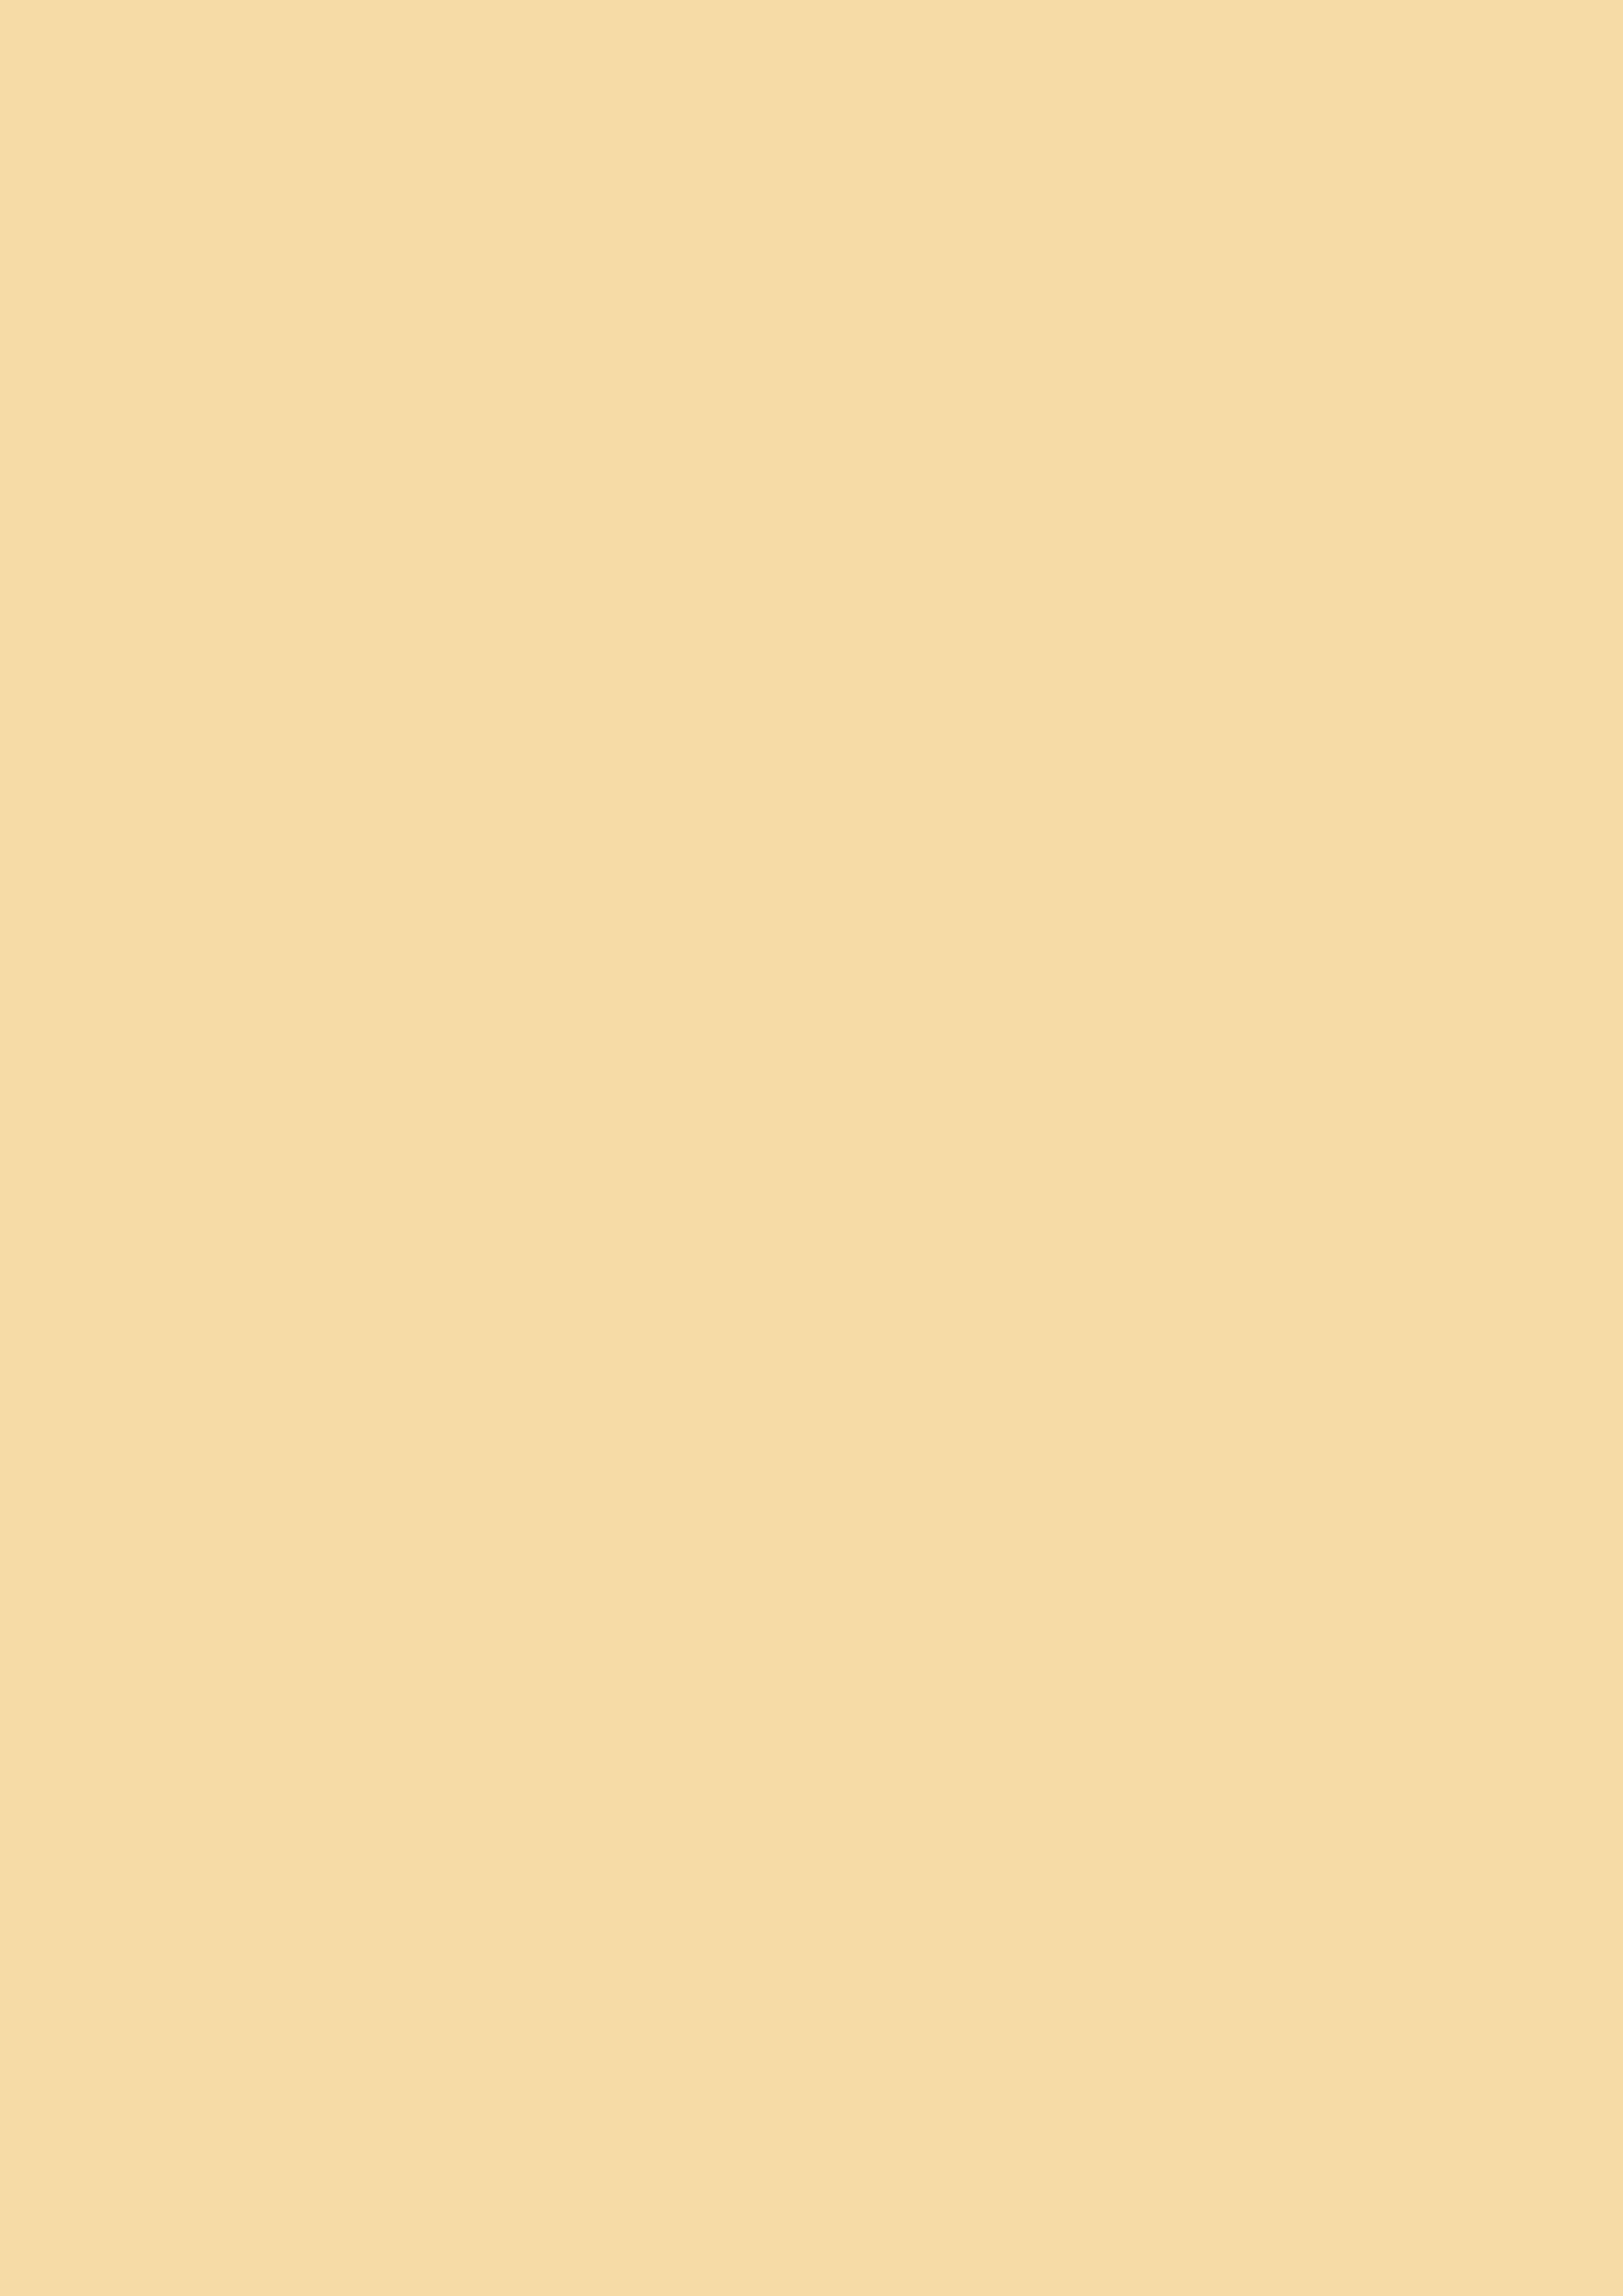 Dorset cream adler wohndesign for Wohndesign charlottenburg